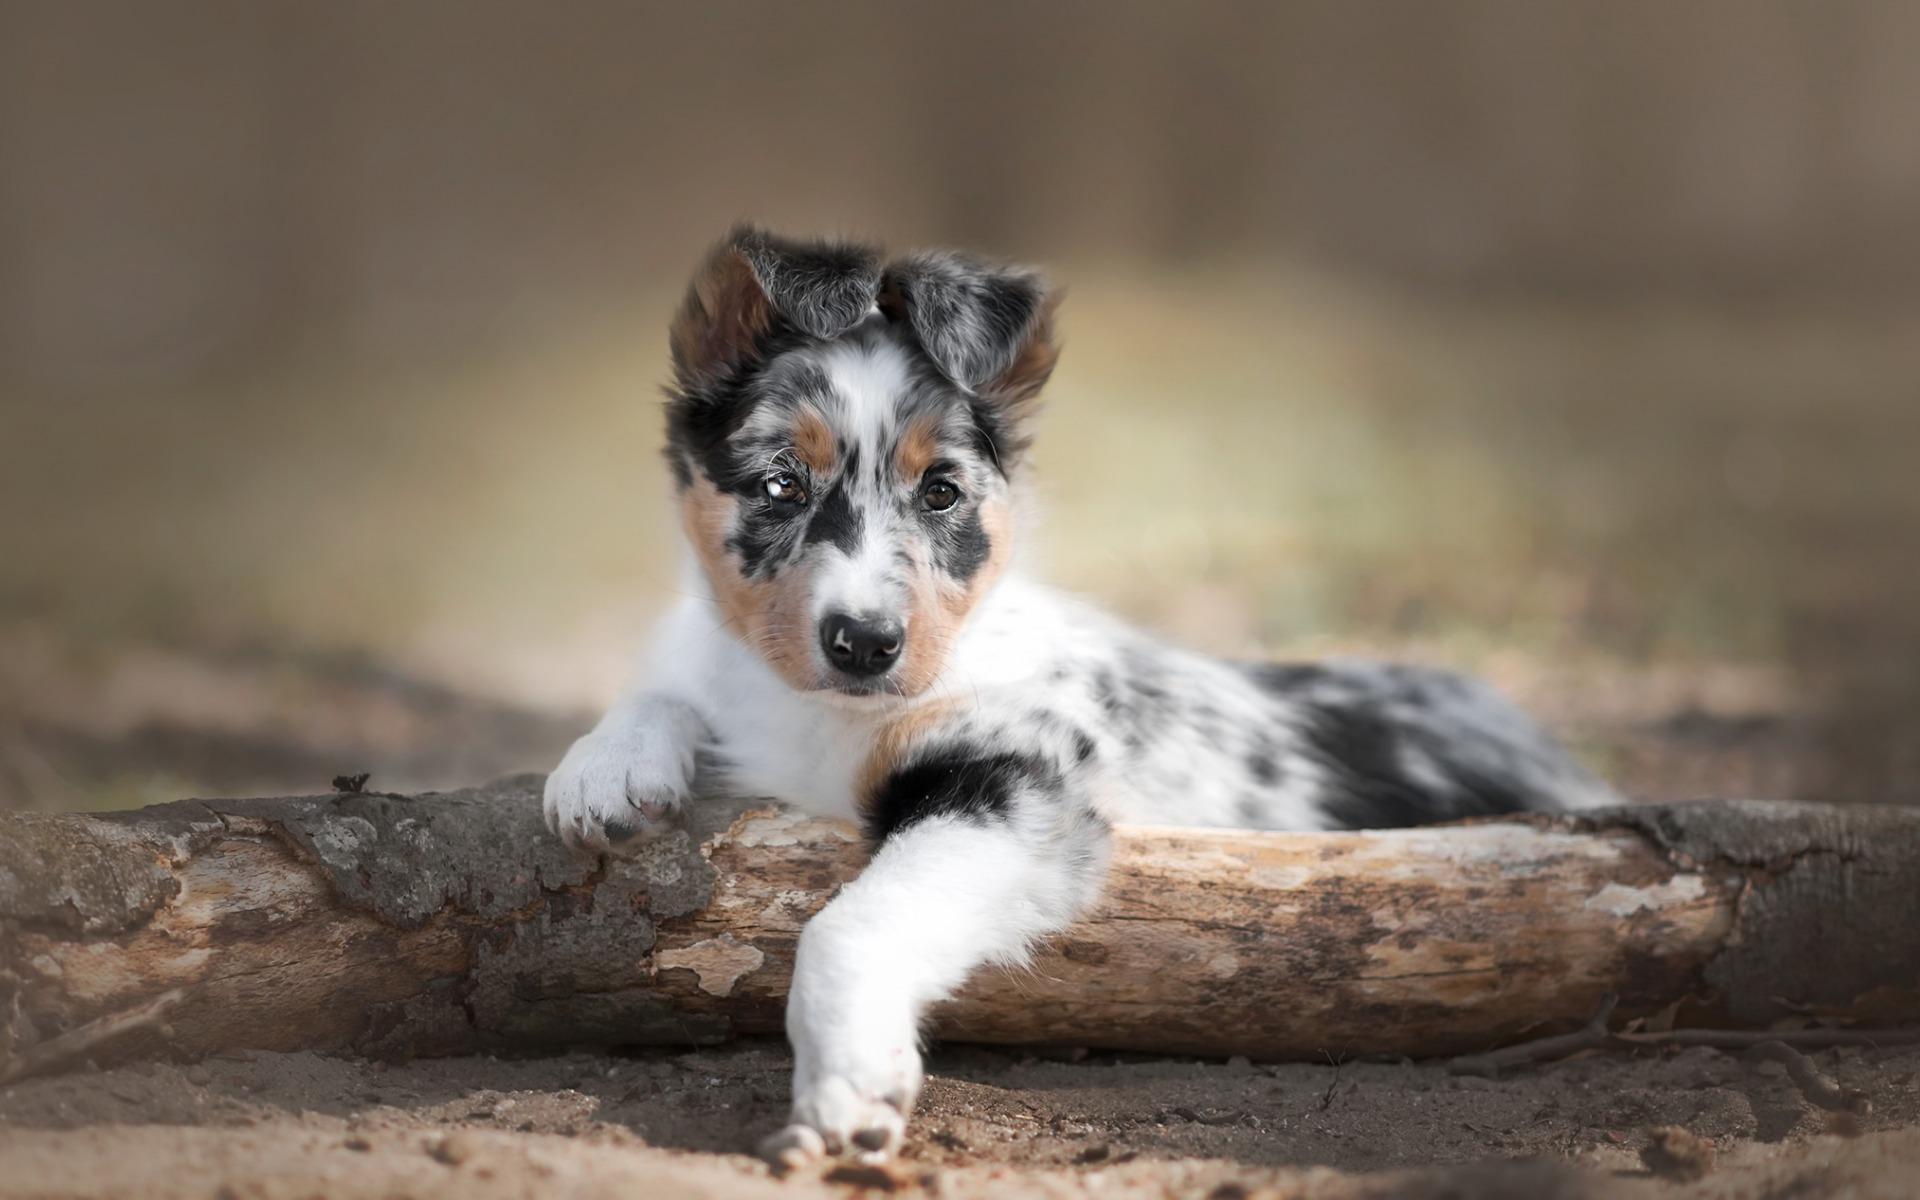 Australian Shepherd Dog Puppy Little Cute Dog Pets Chien Berger Australien Chiot 1920x1200 Wallpaper Teahub Io